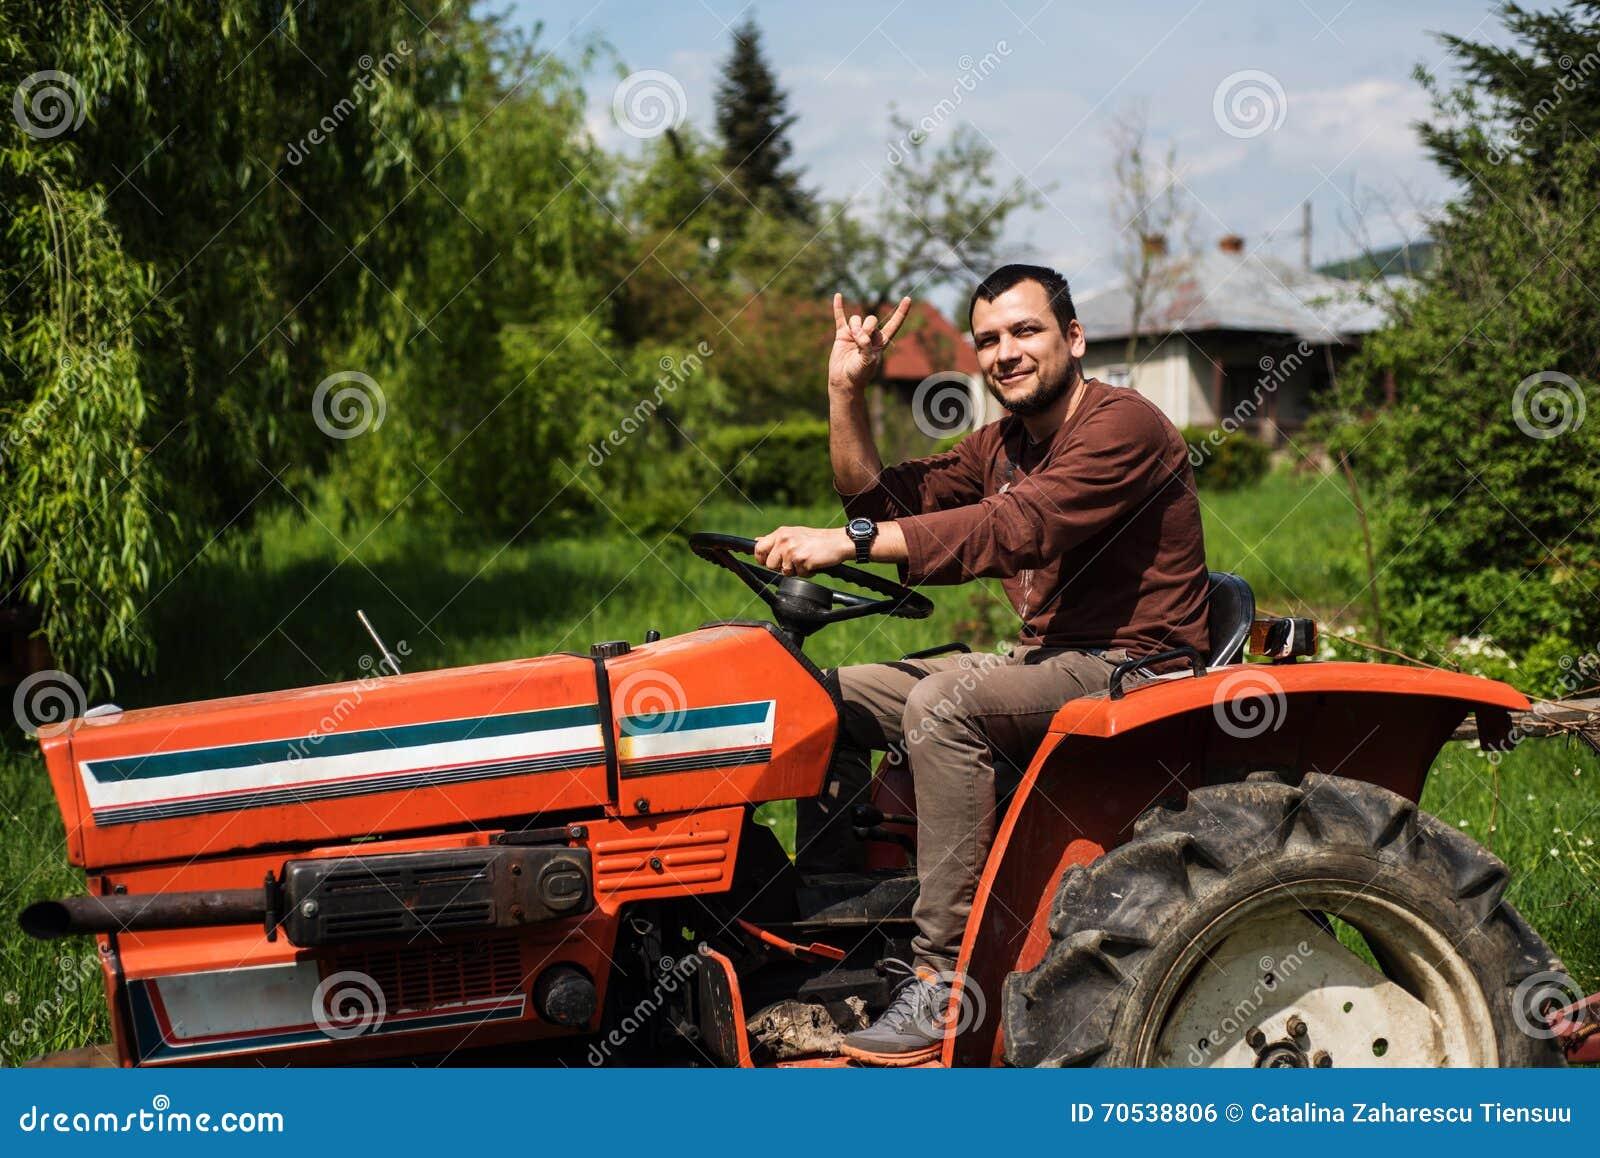 Junger Mann, der einen Traktor fährt